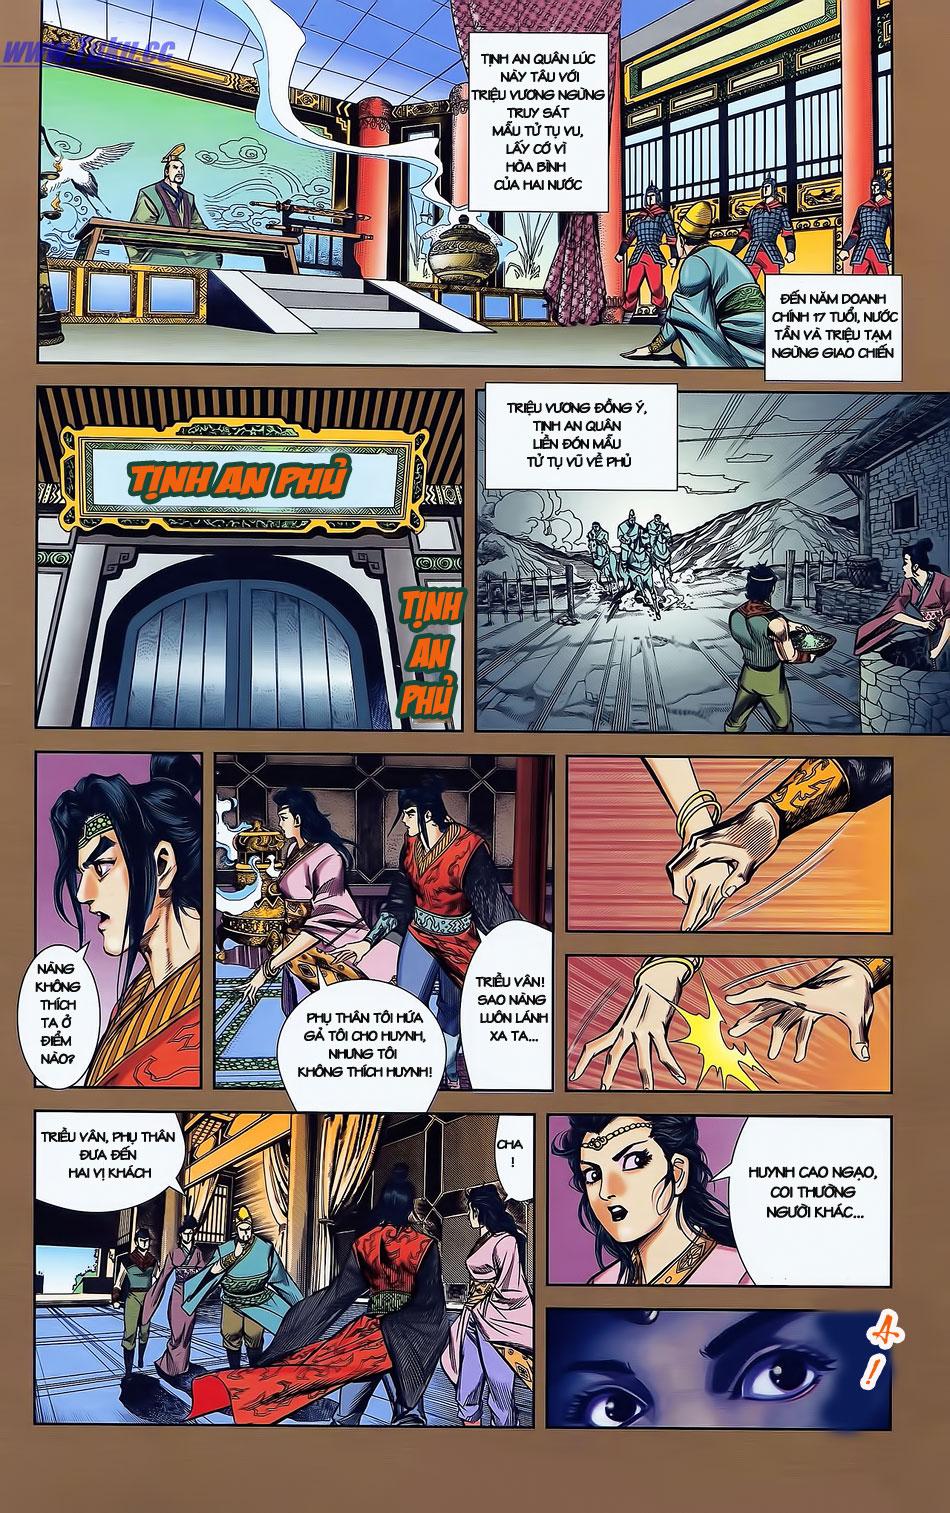 Tần Vương Doanh Chính chapter 2 trang 8